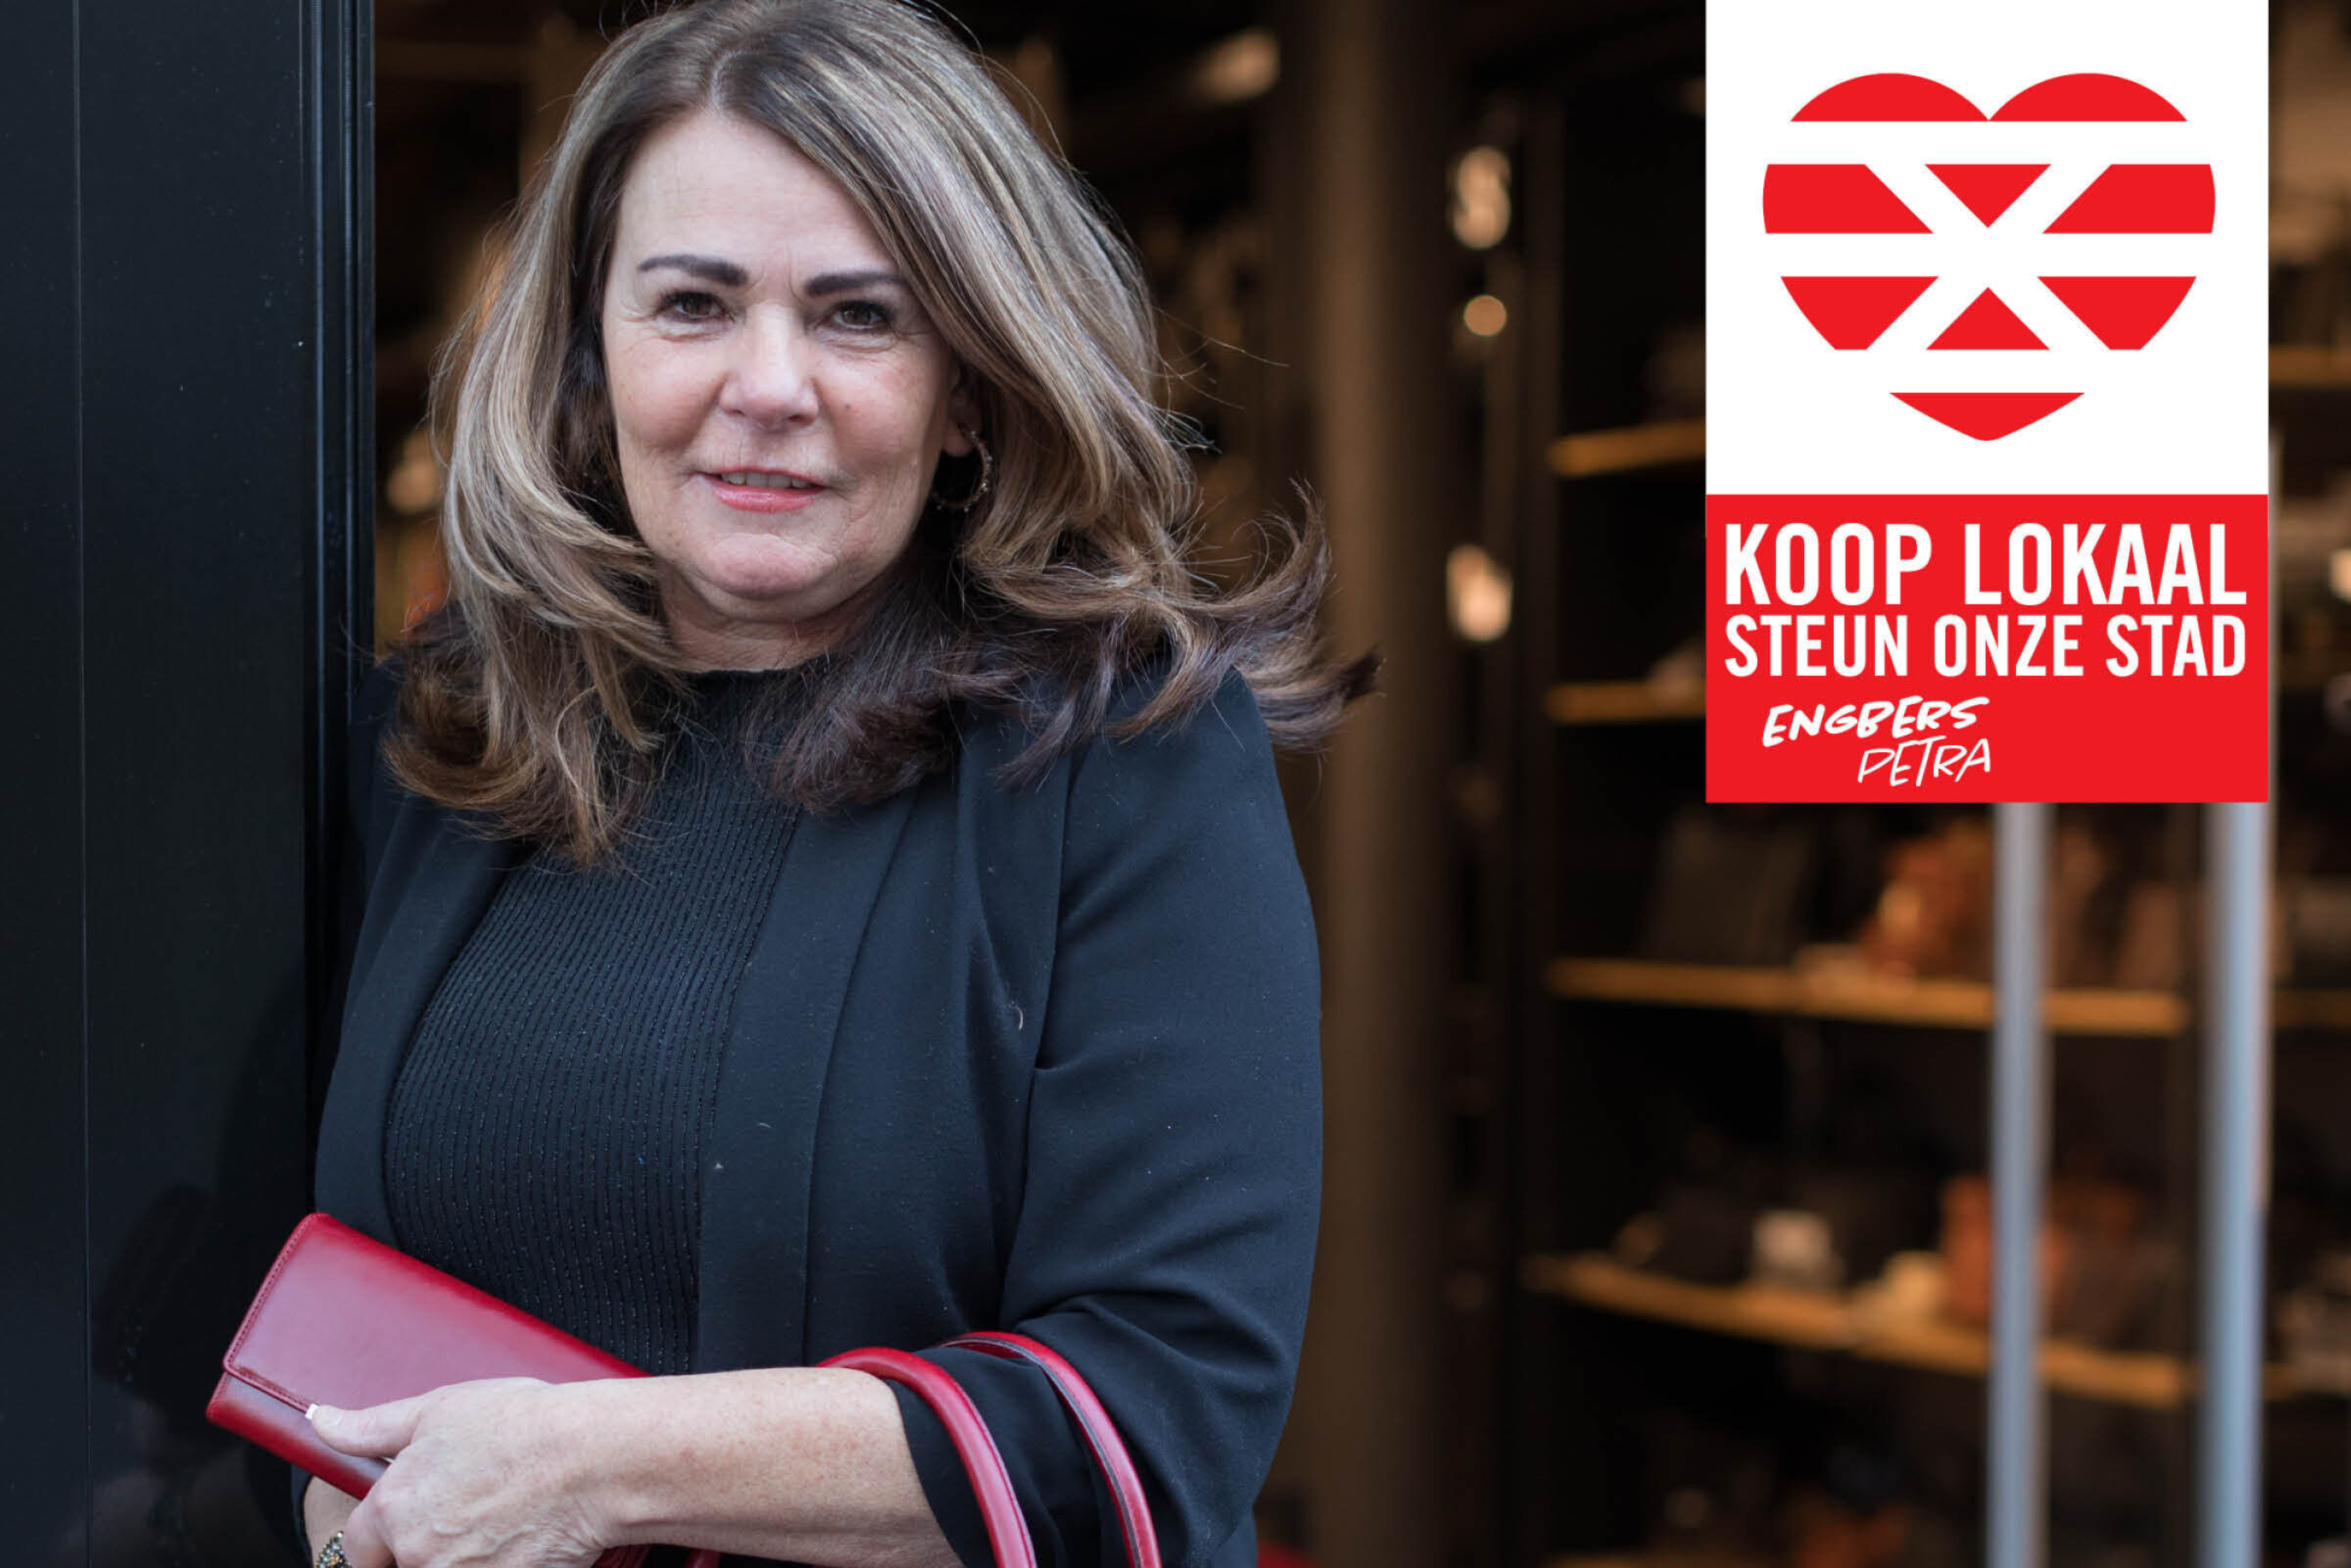 Steun onze stad Koop lokaal Enschede Engbers Petra